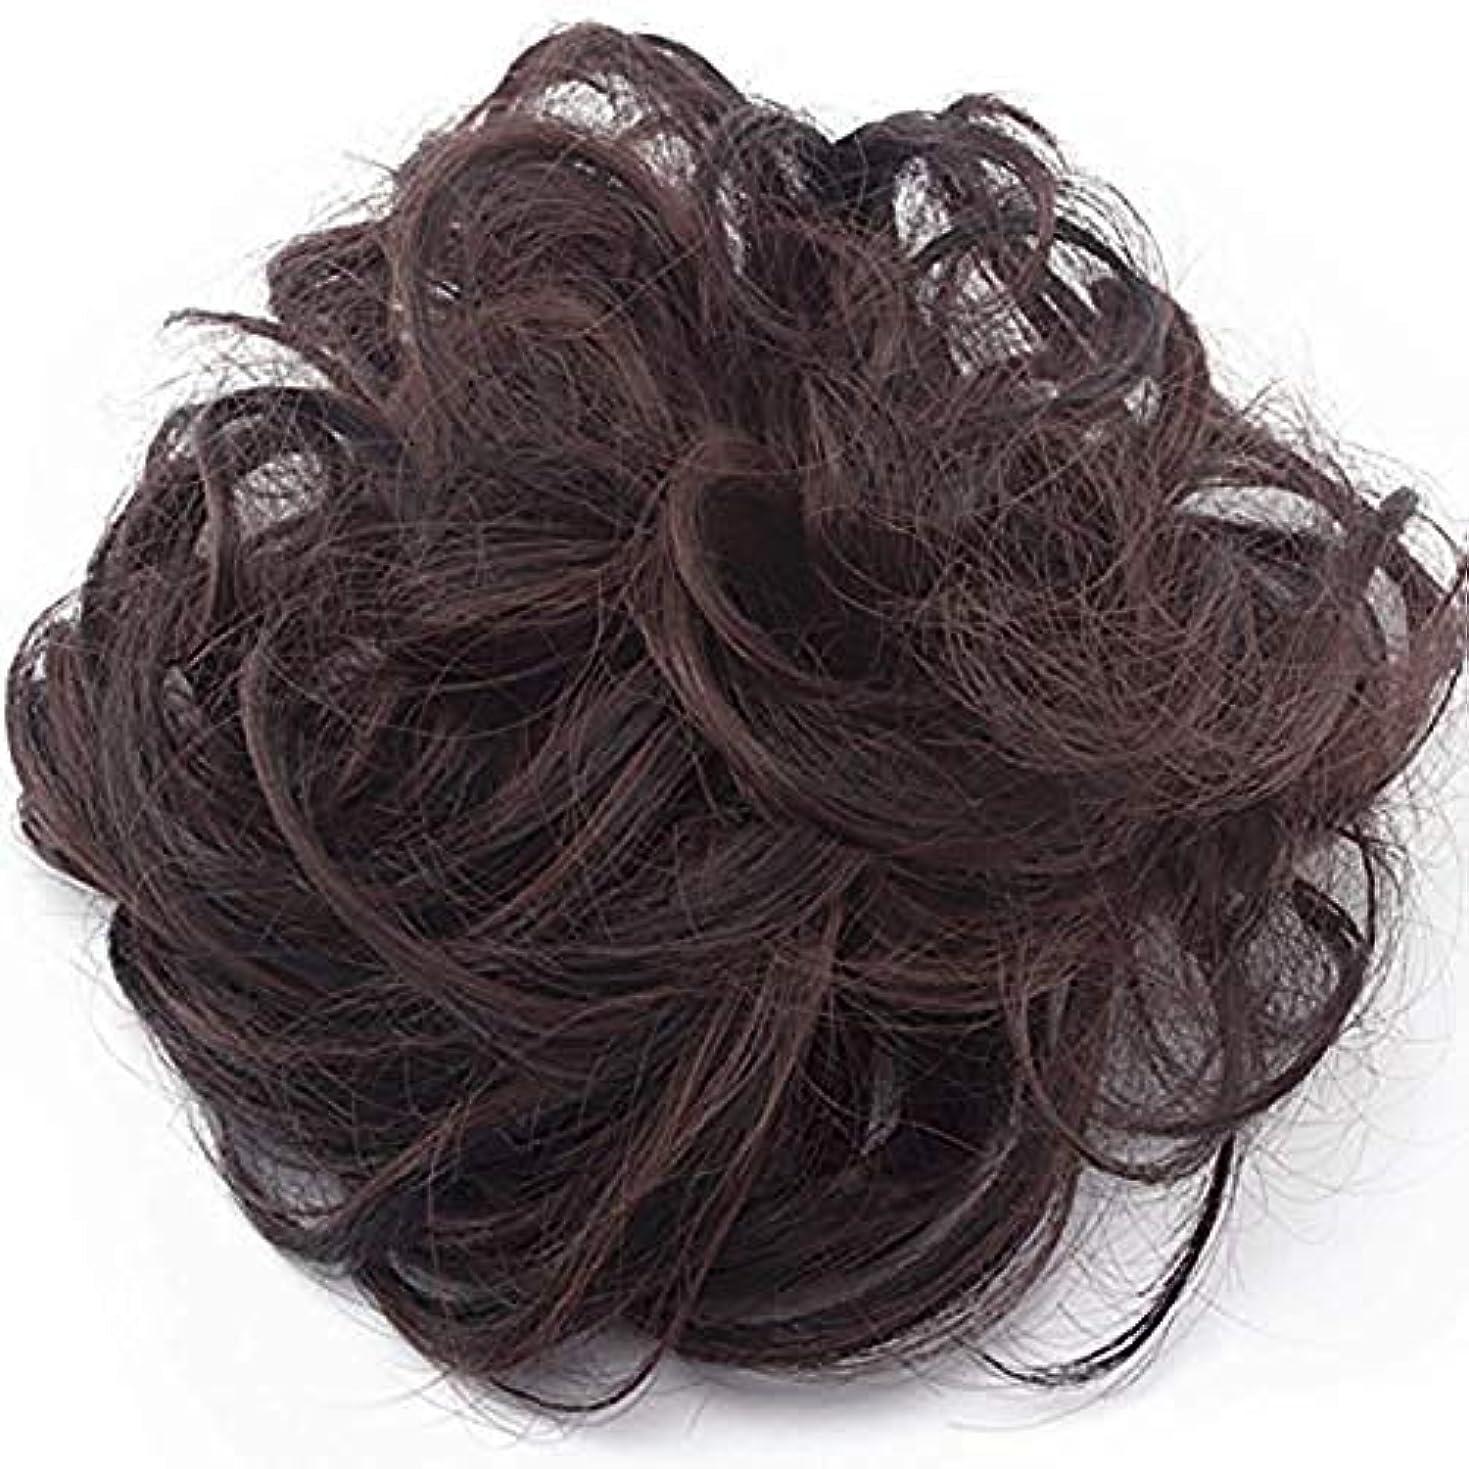 取り戻す影お金汚れた女の子の毛波状毛エクステンションヘアバンド饅頭饅頭は(自然な黒と白のミックス、オーバーン)かつらテープ拡張をポニーテール